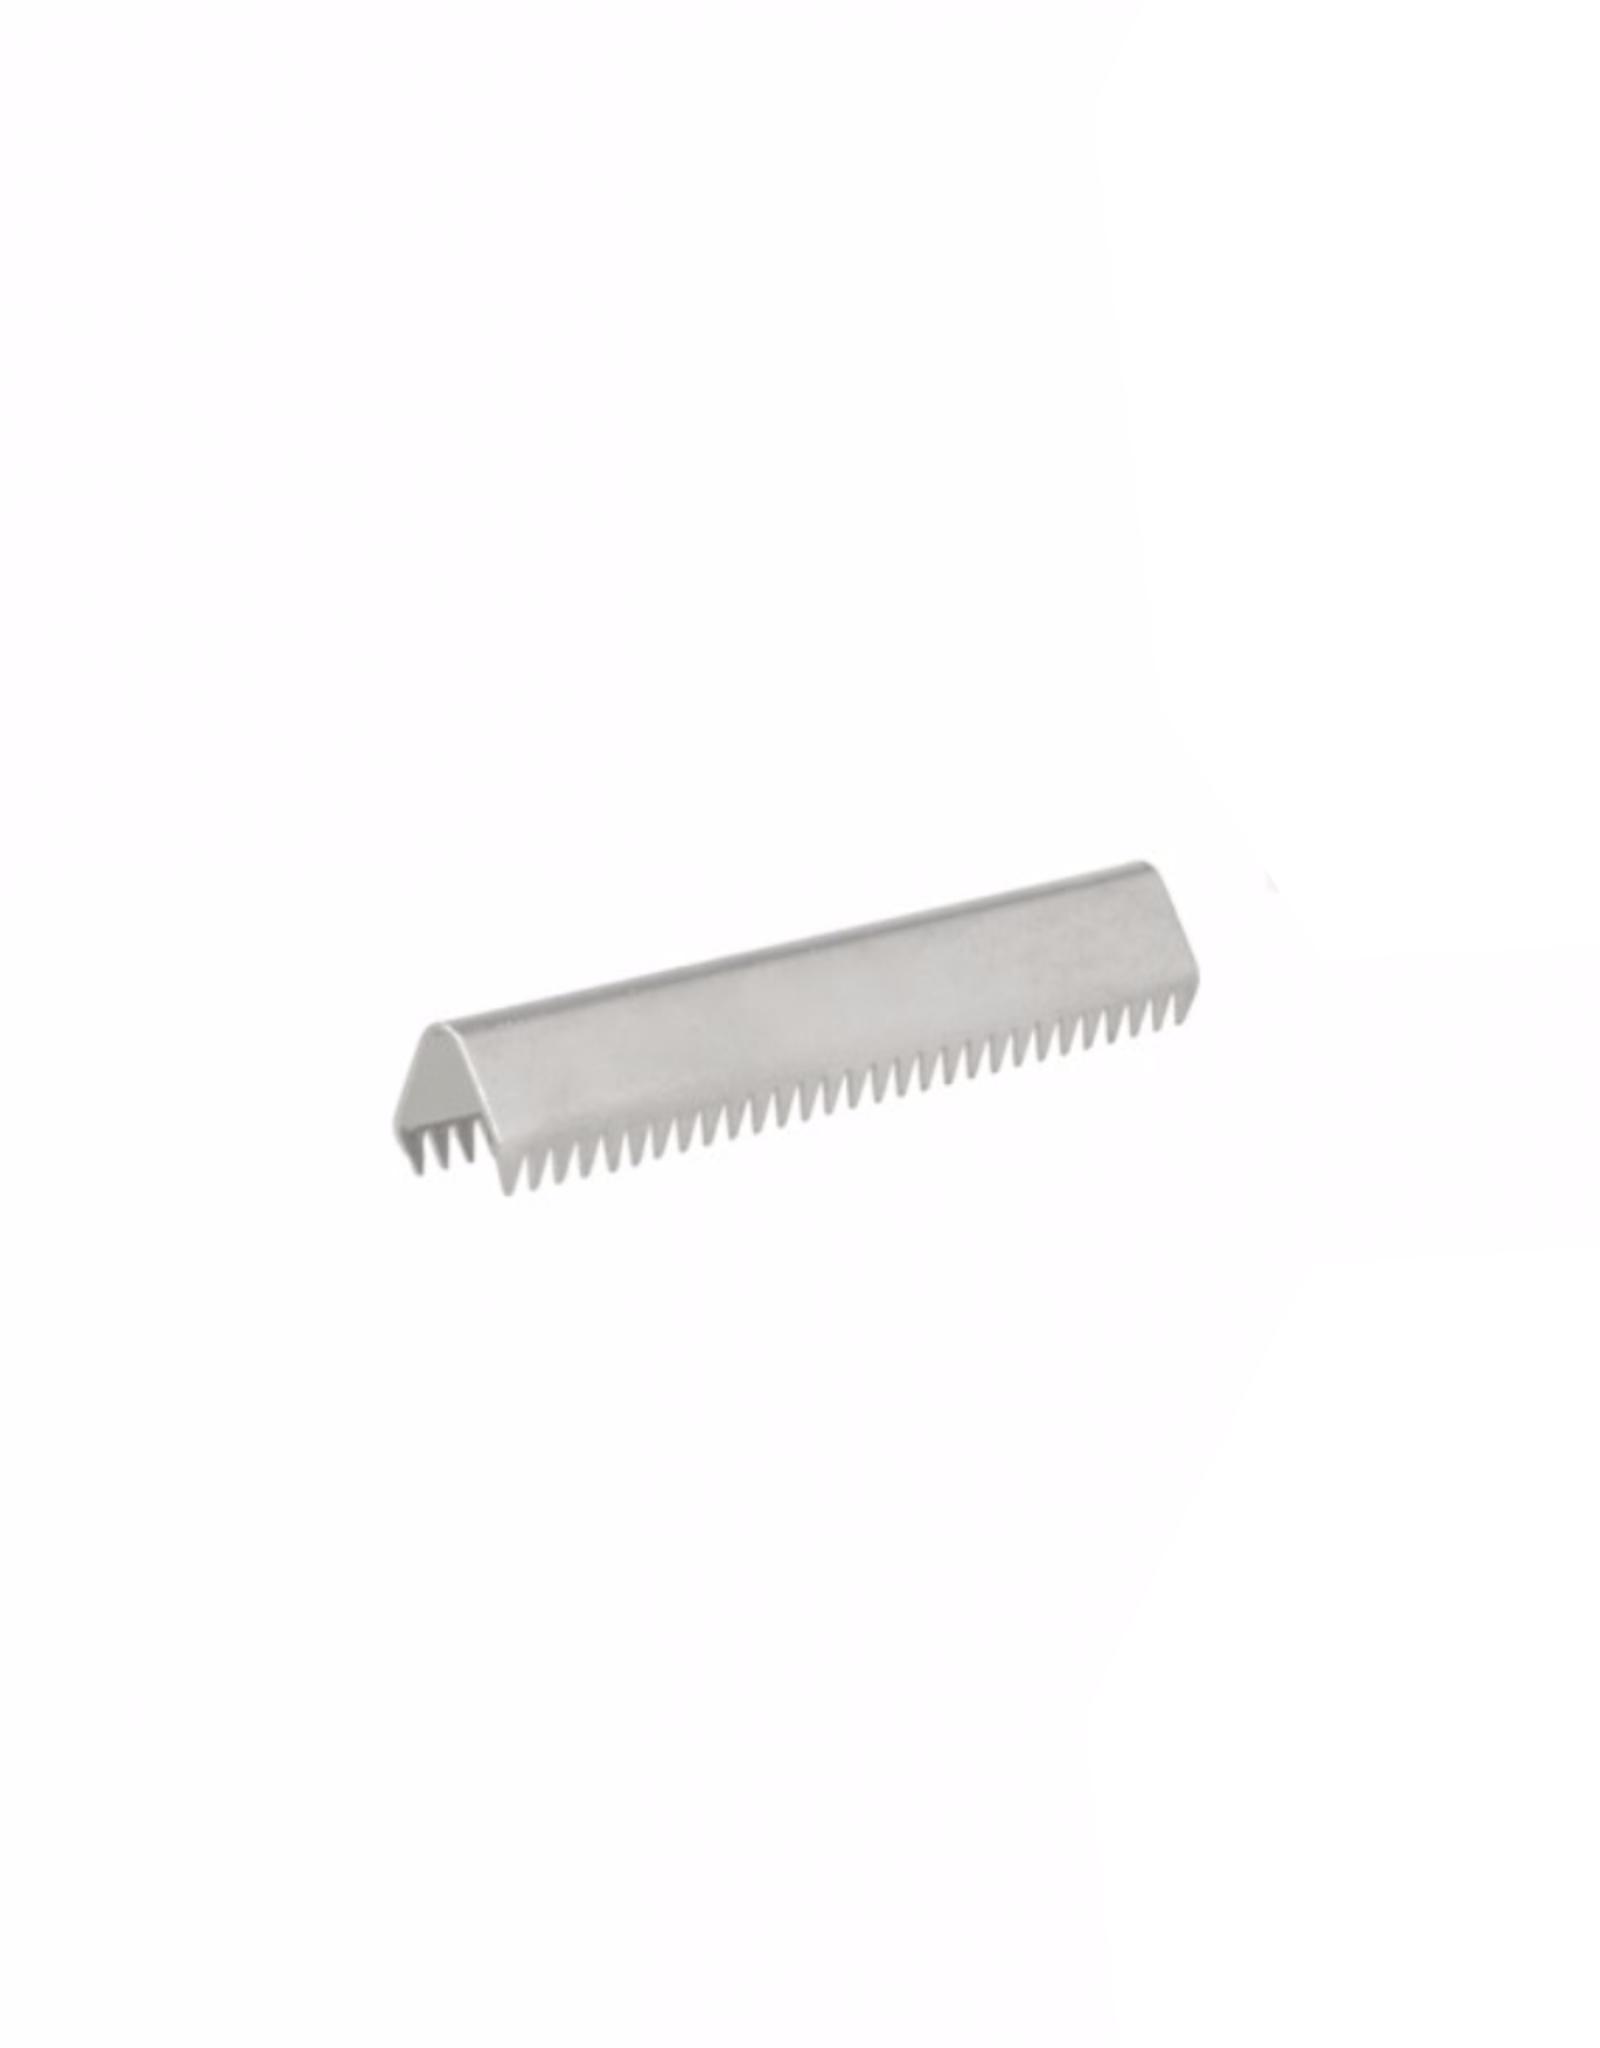 Eindje voor tassenband - 25mm - Zilver